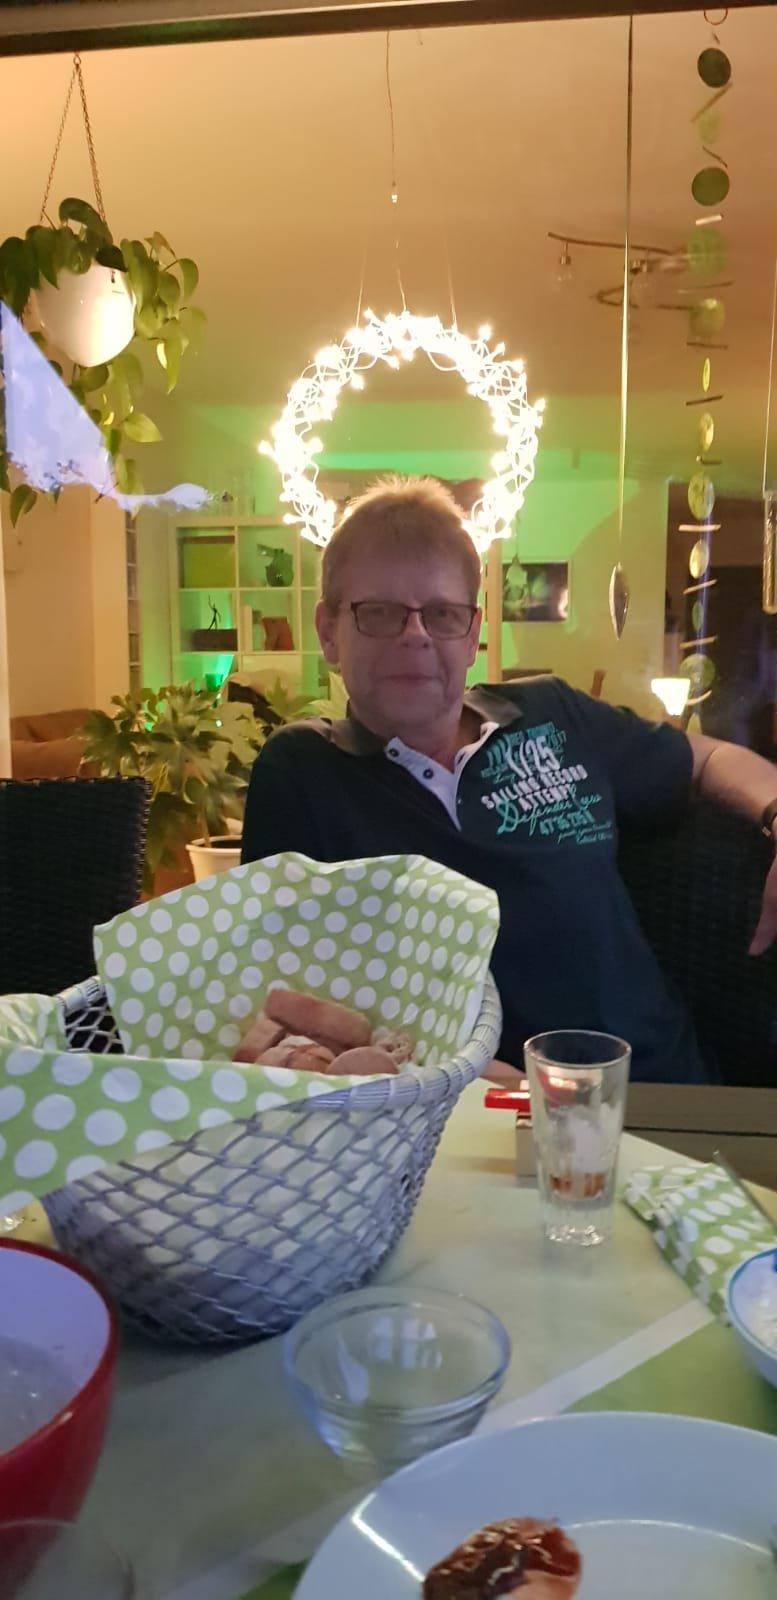 Nick66 aus Nordrhein-Westfalen,Deutschland